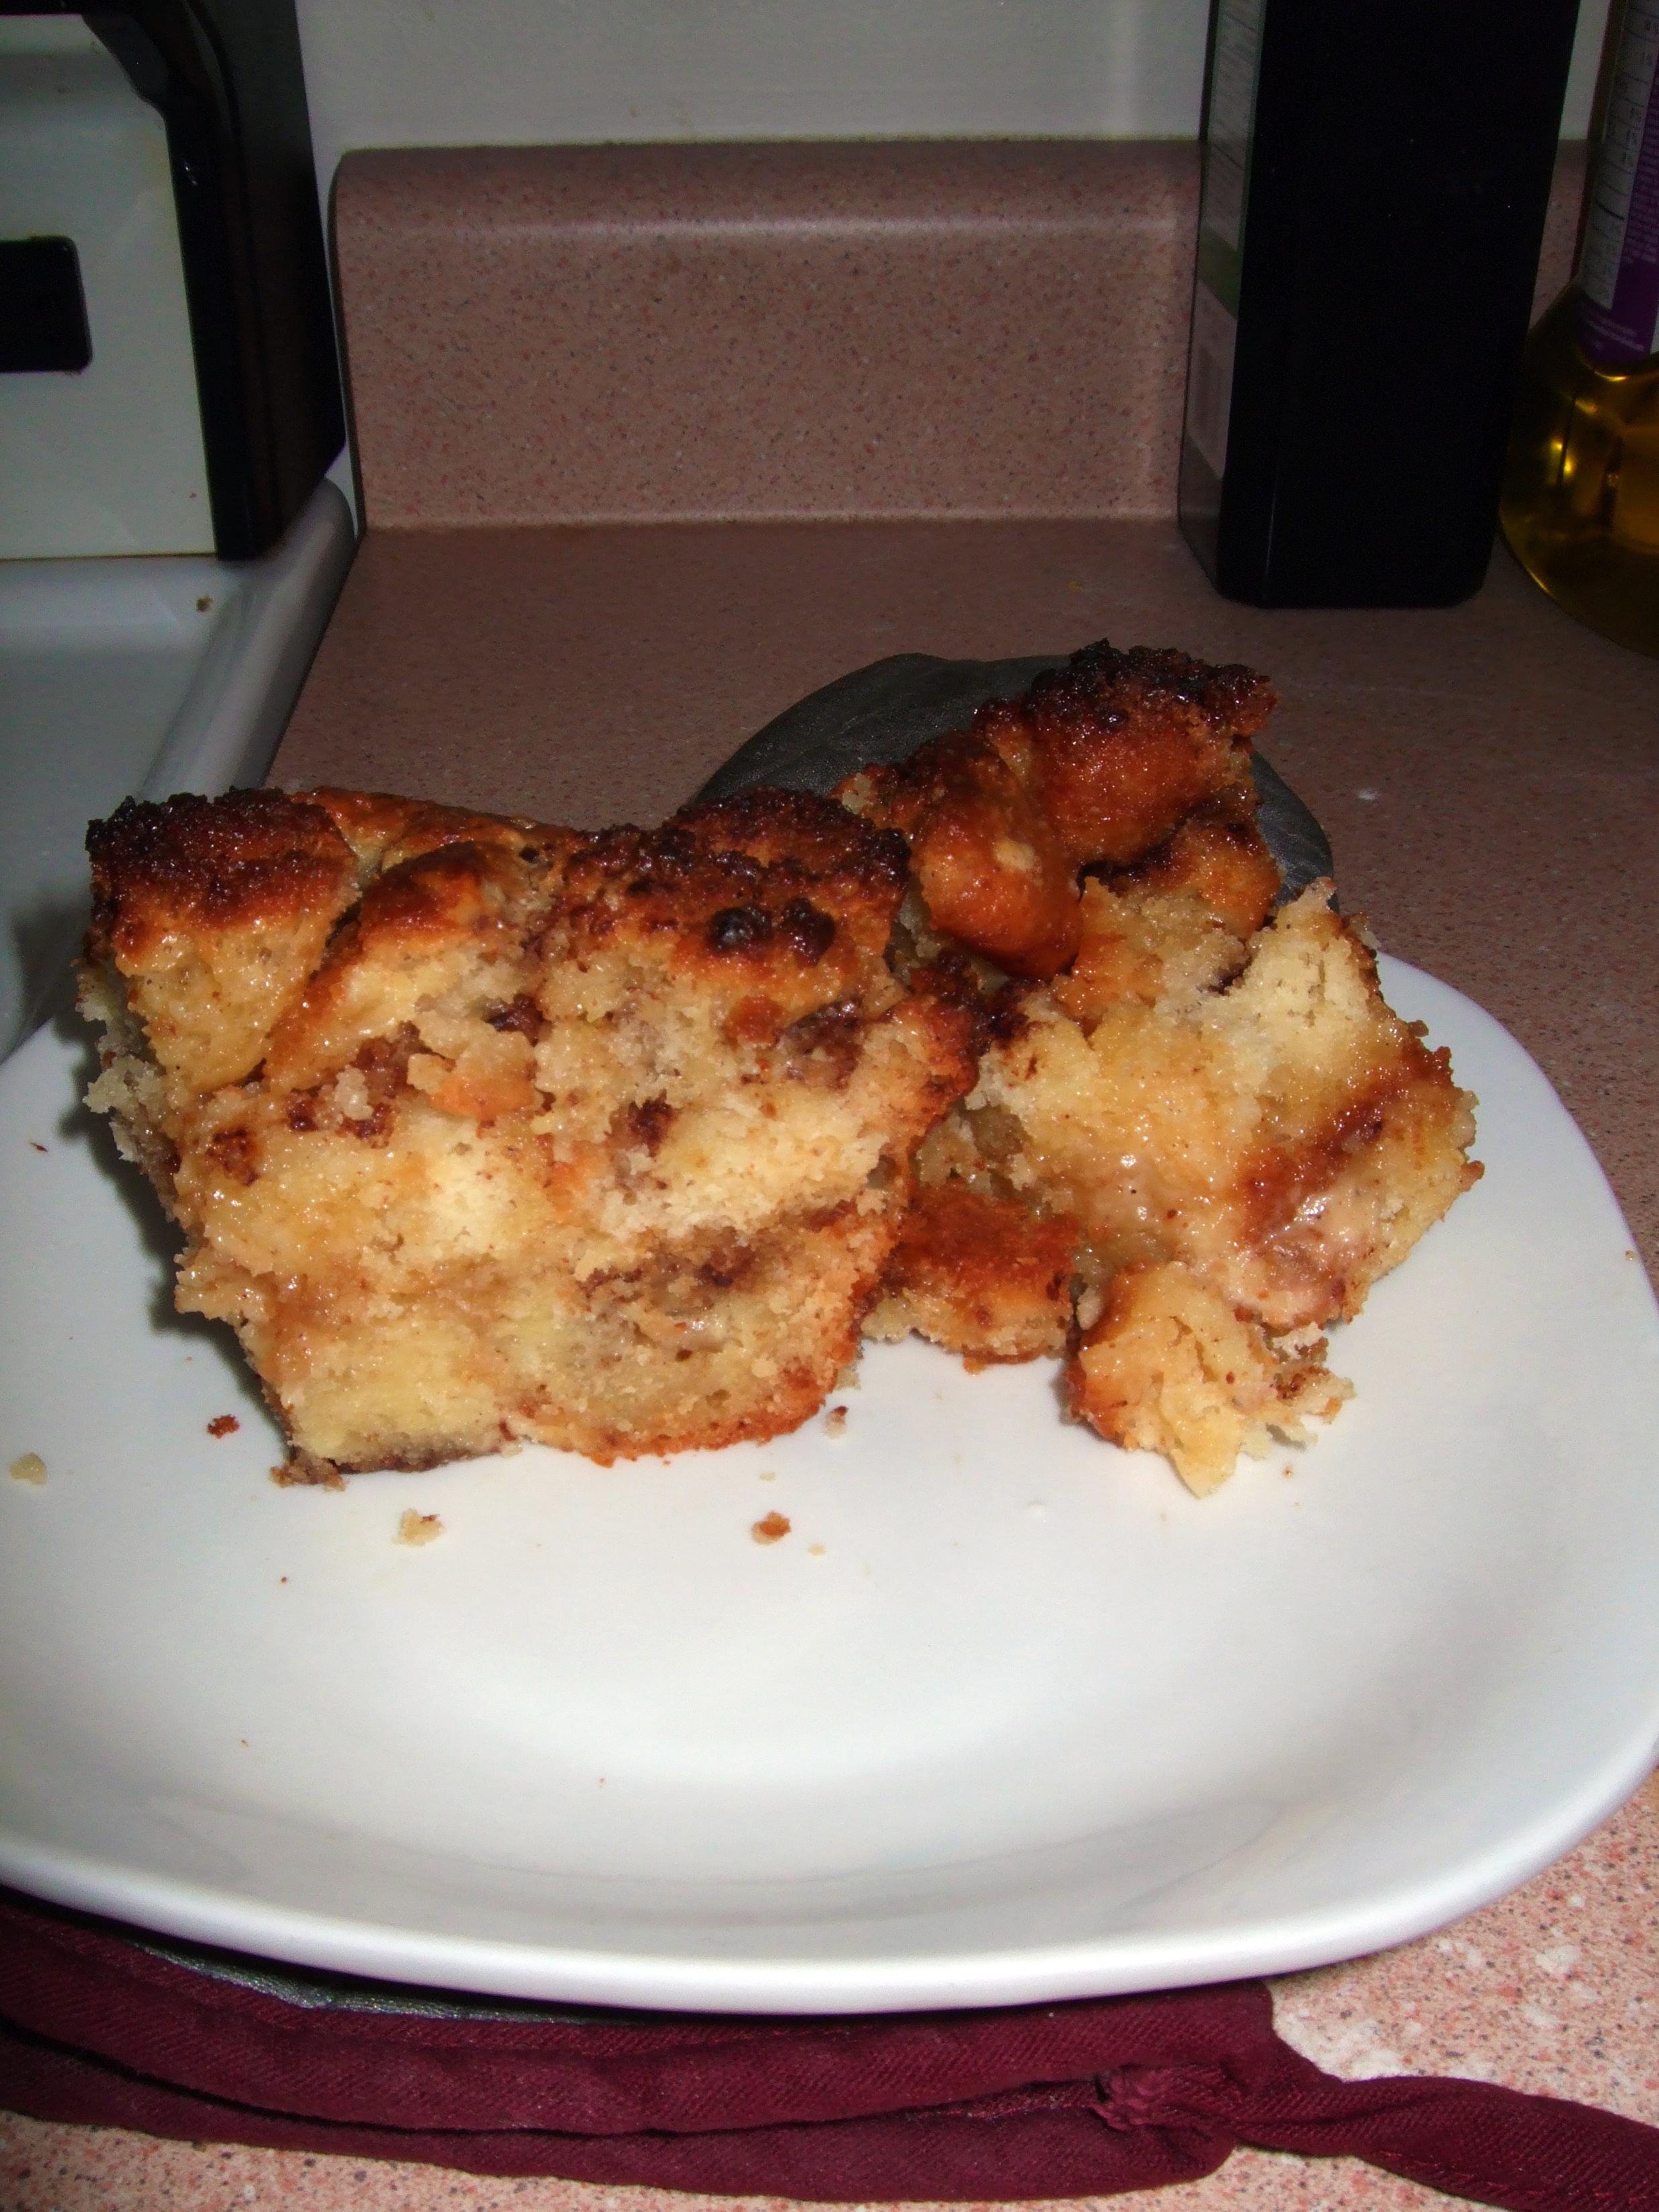 Muffin Pudding (hmm, sounds weird) Muffin Bread Pudding (better?) |